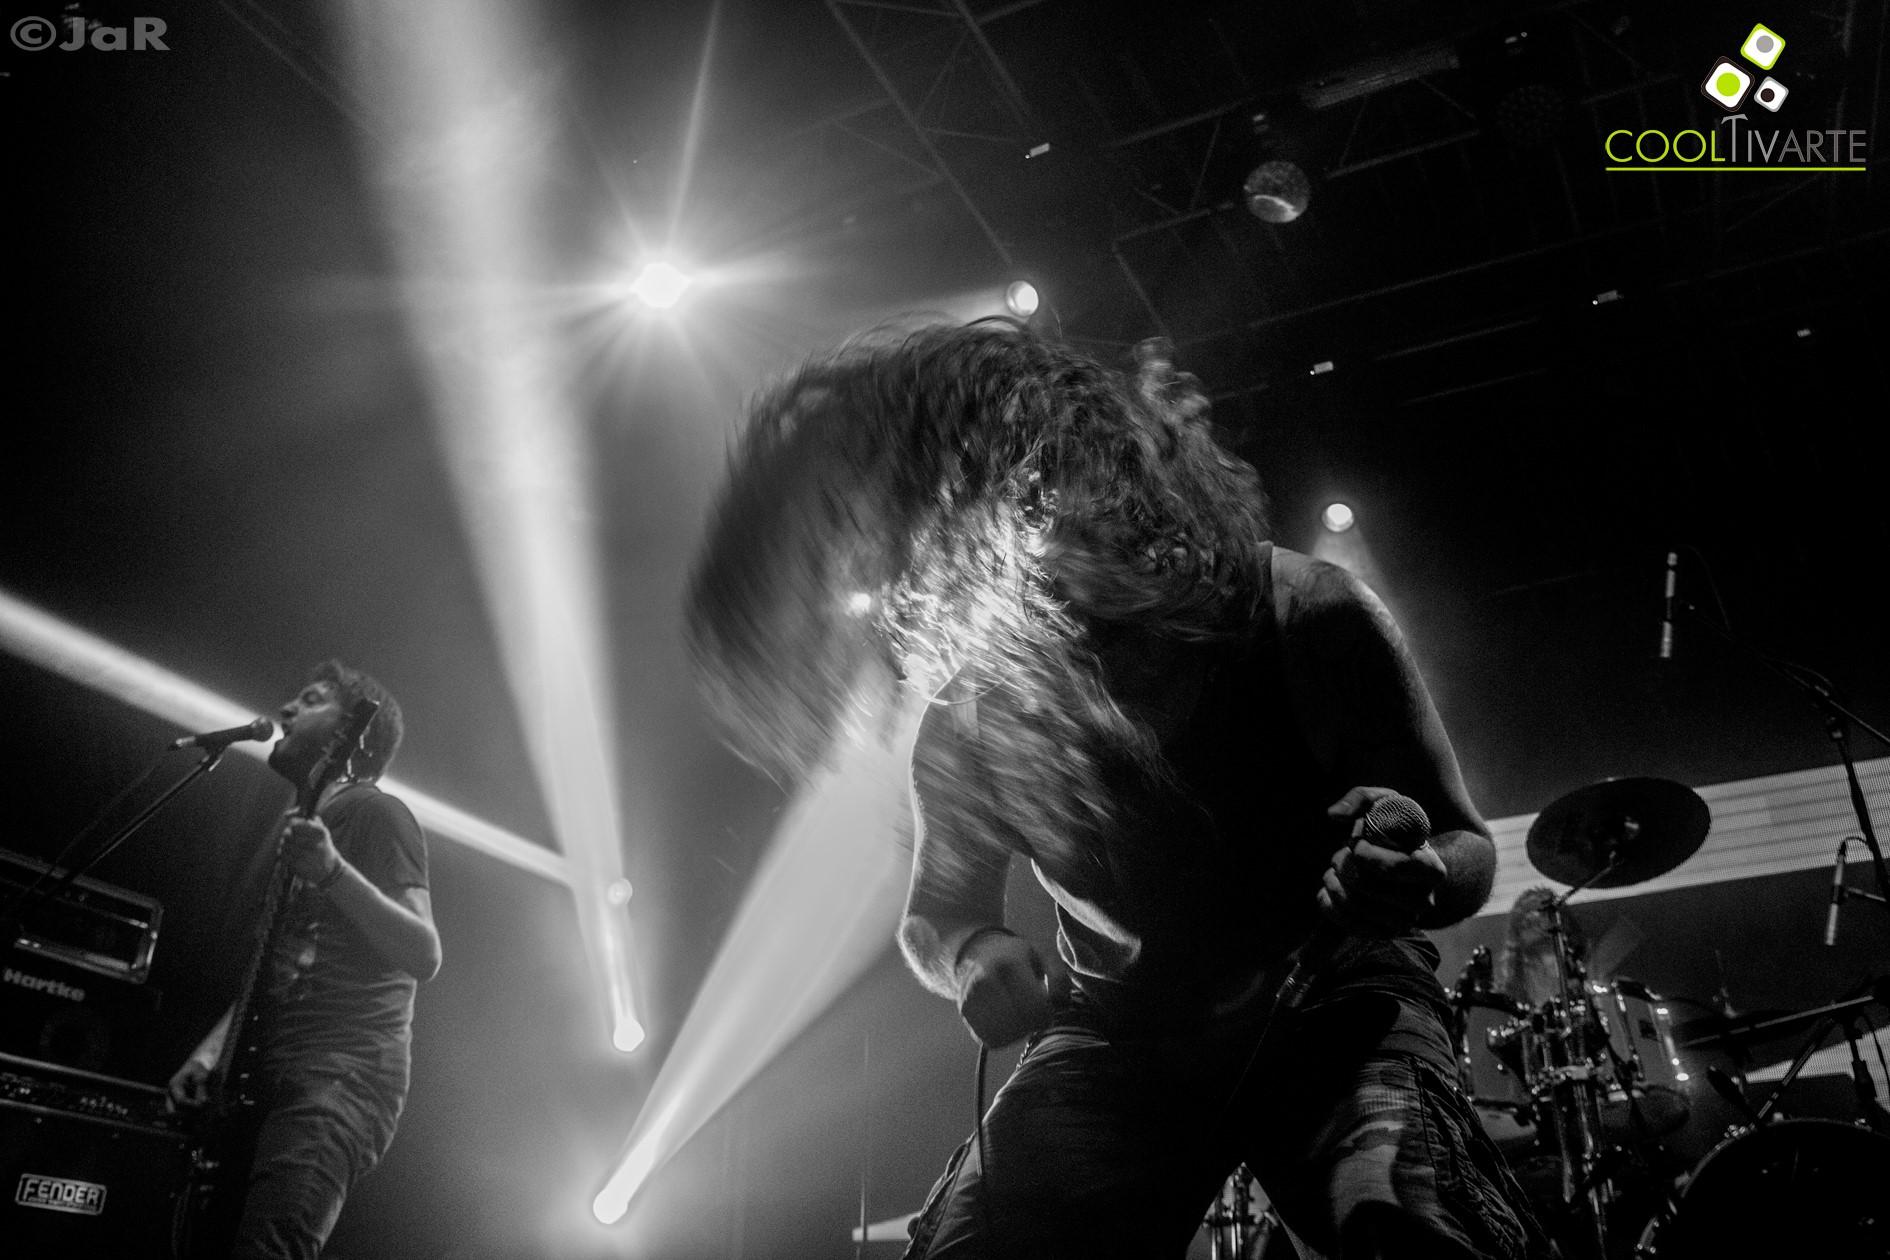 imagen - Crepar Fotografía: ©Javier Rivero